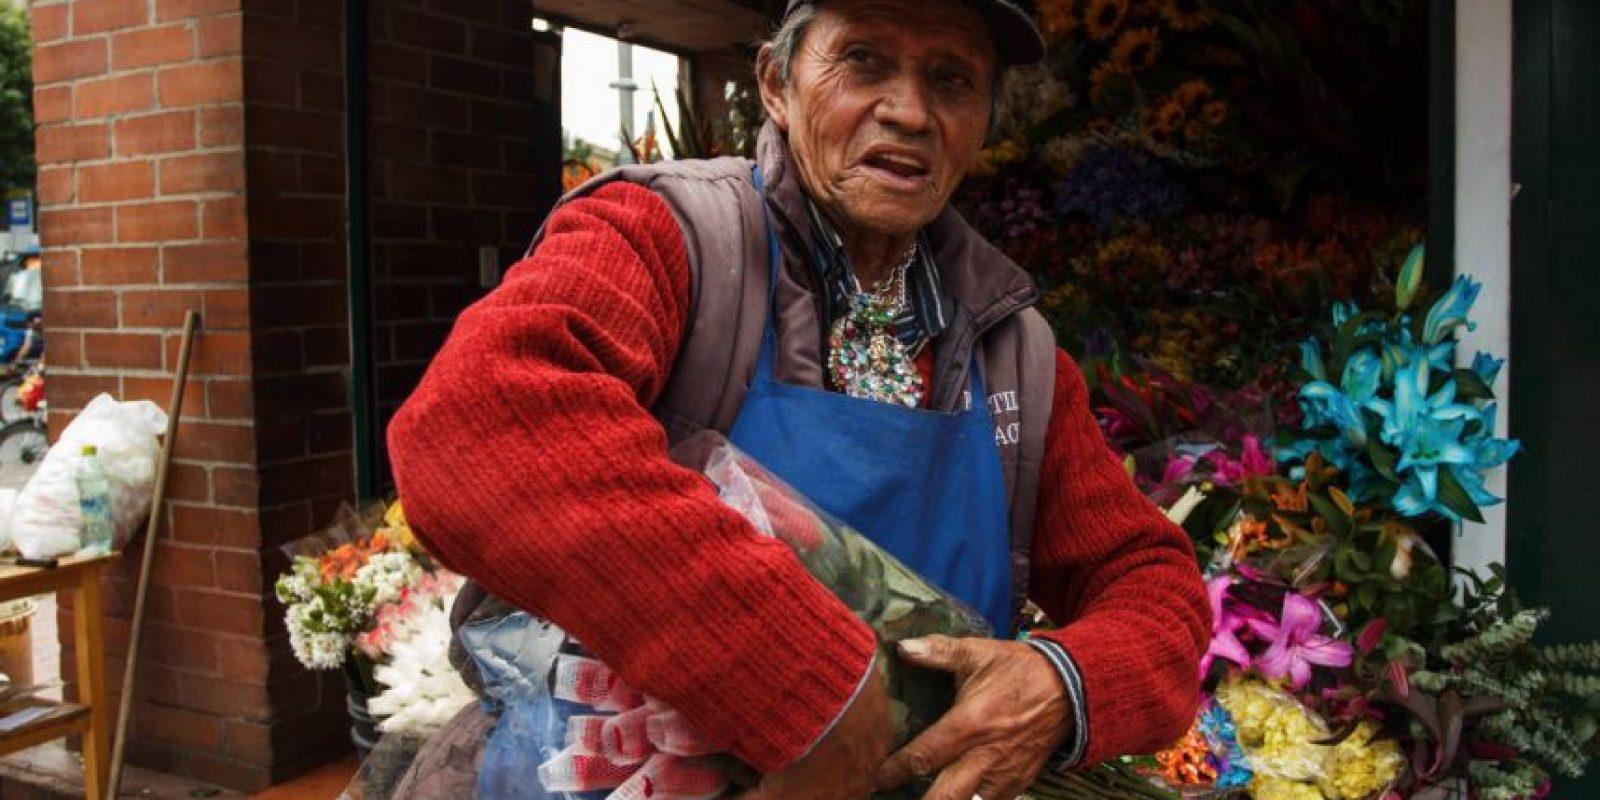 Las flores son un negocio familiar. Foto:Juan Pablo Pino / Publimetro